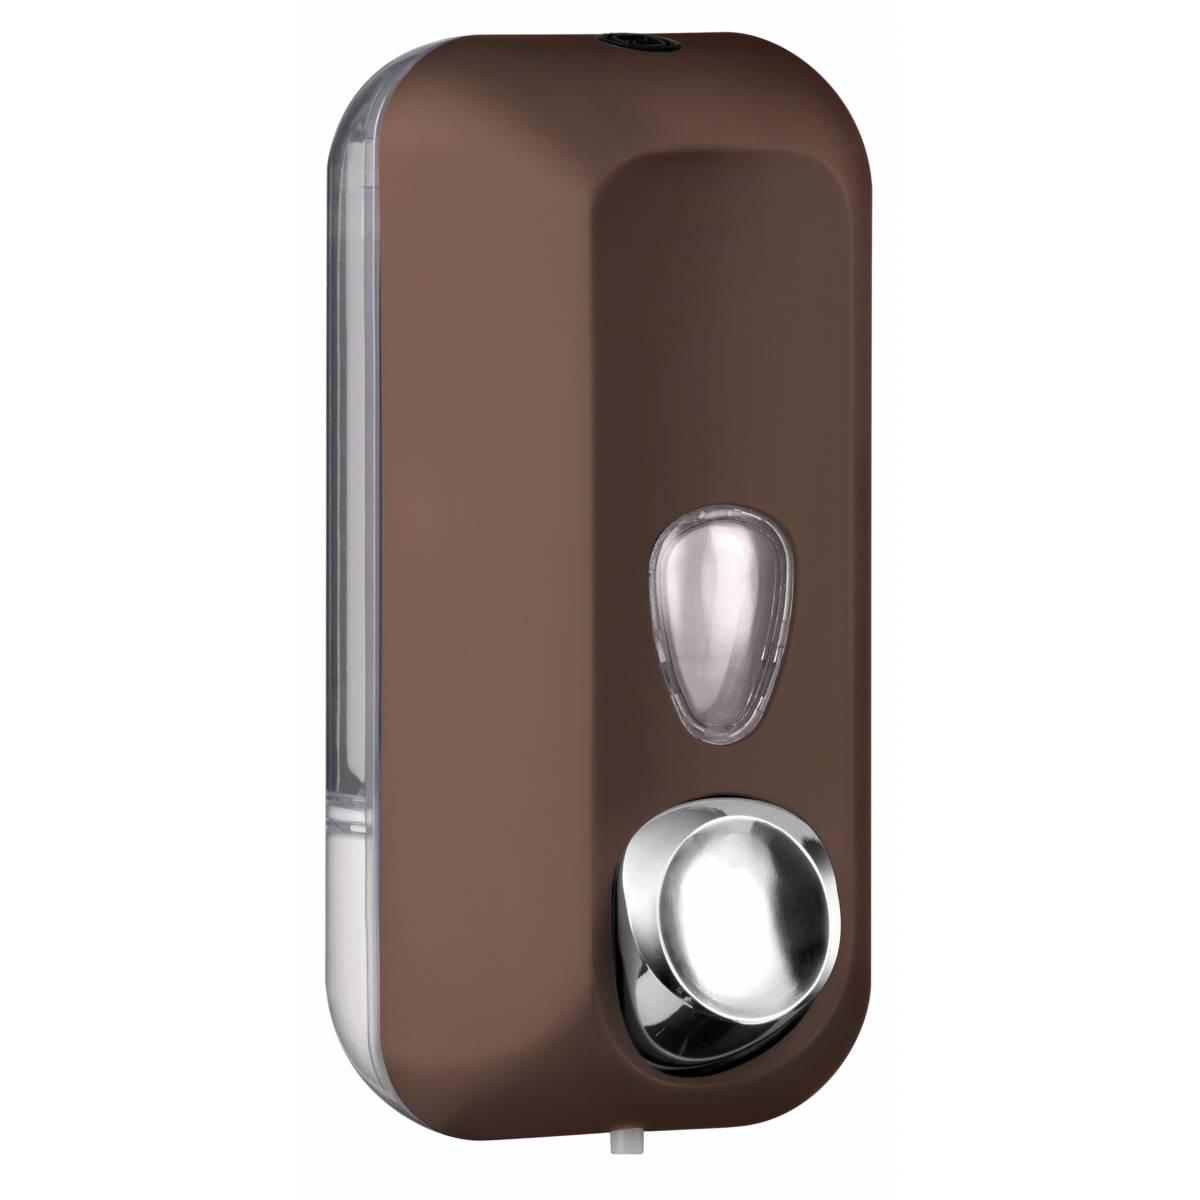 Дозатор жидкого мыла Mar Plast 0,55 л COLORED A71401MА Mar Plast